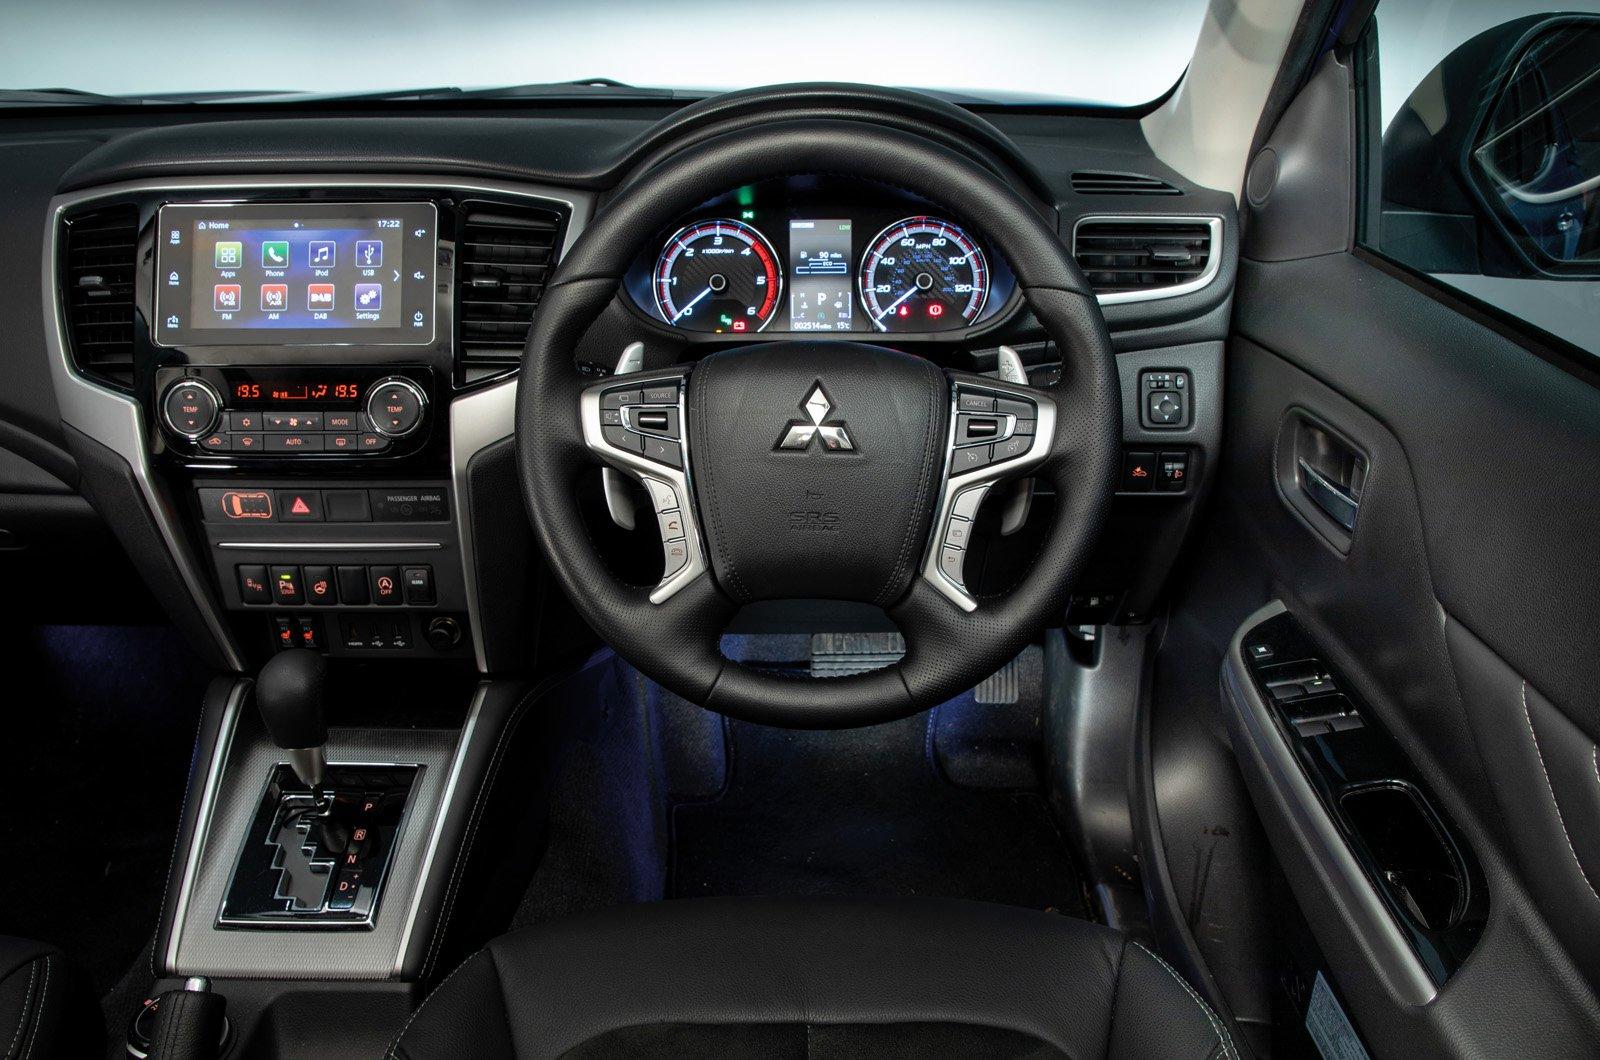 Mitsubishi L200 dashboard - 69 plate